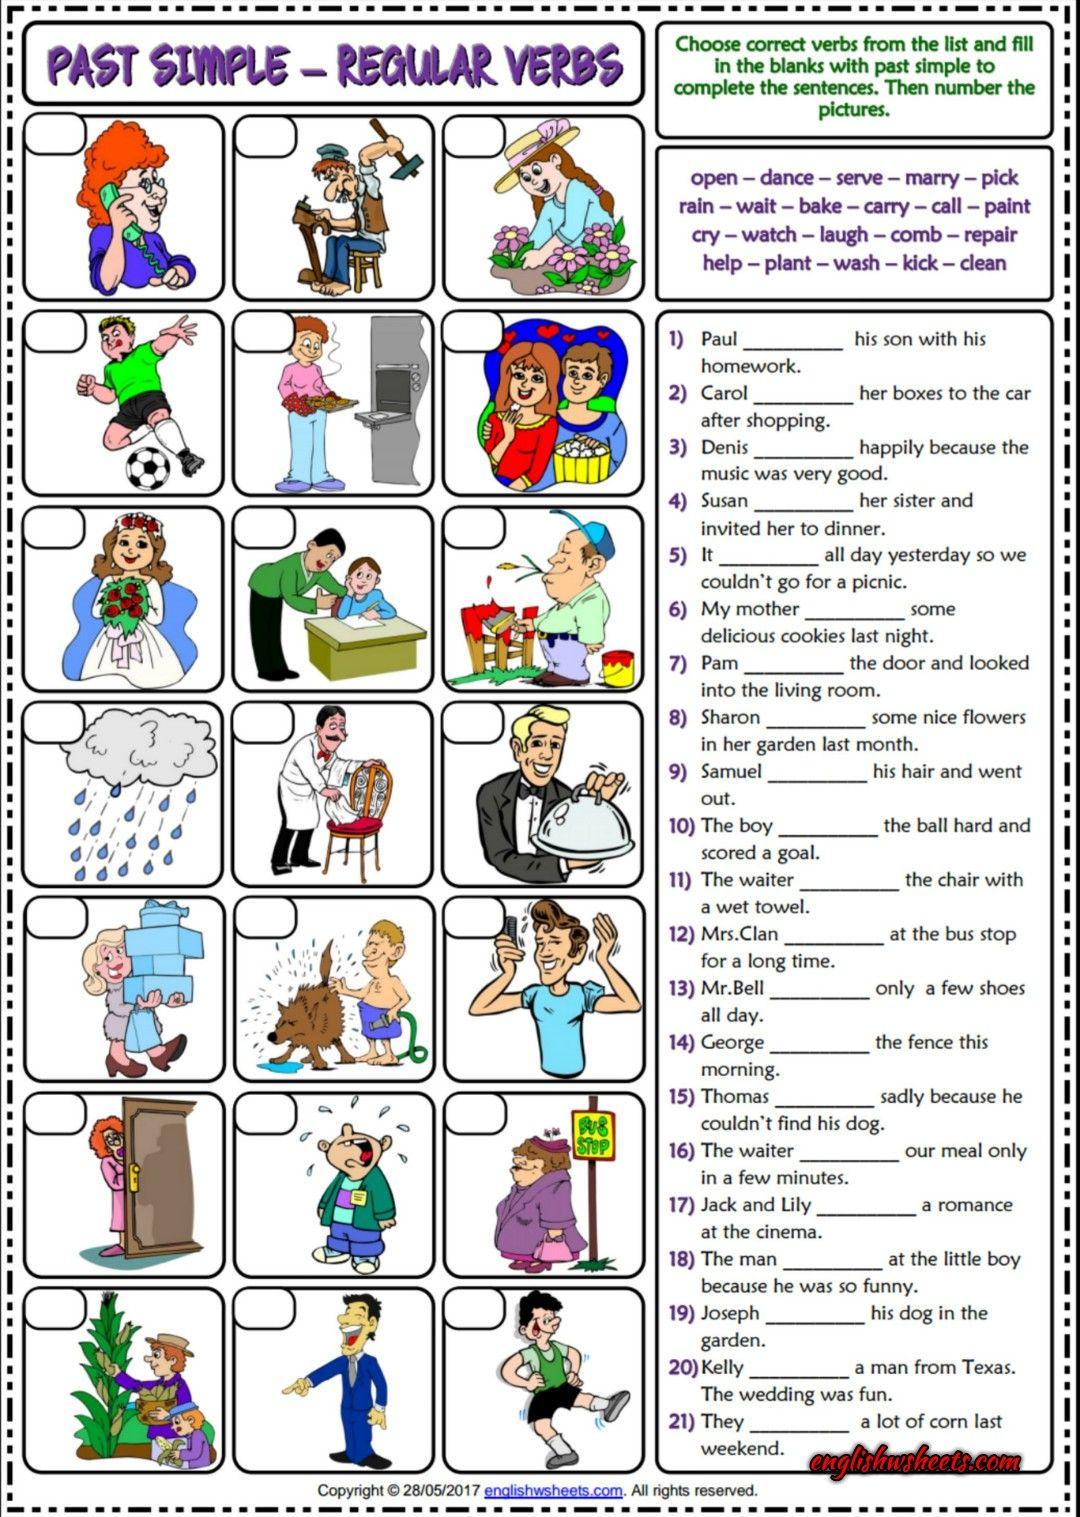 Simple Past Tense with Regular Verbs ESL Worksheet | Esl Printable ...